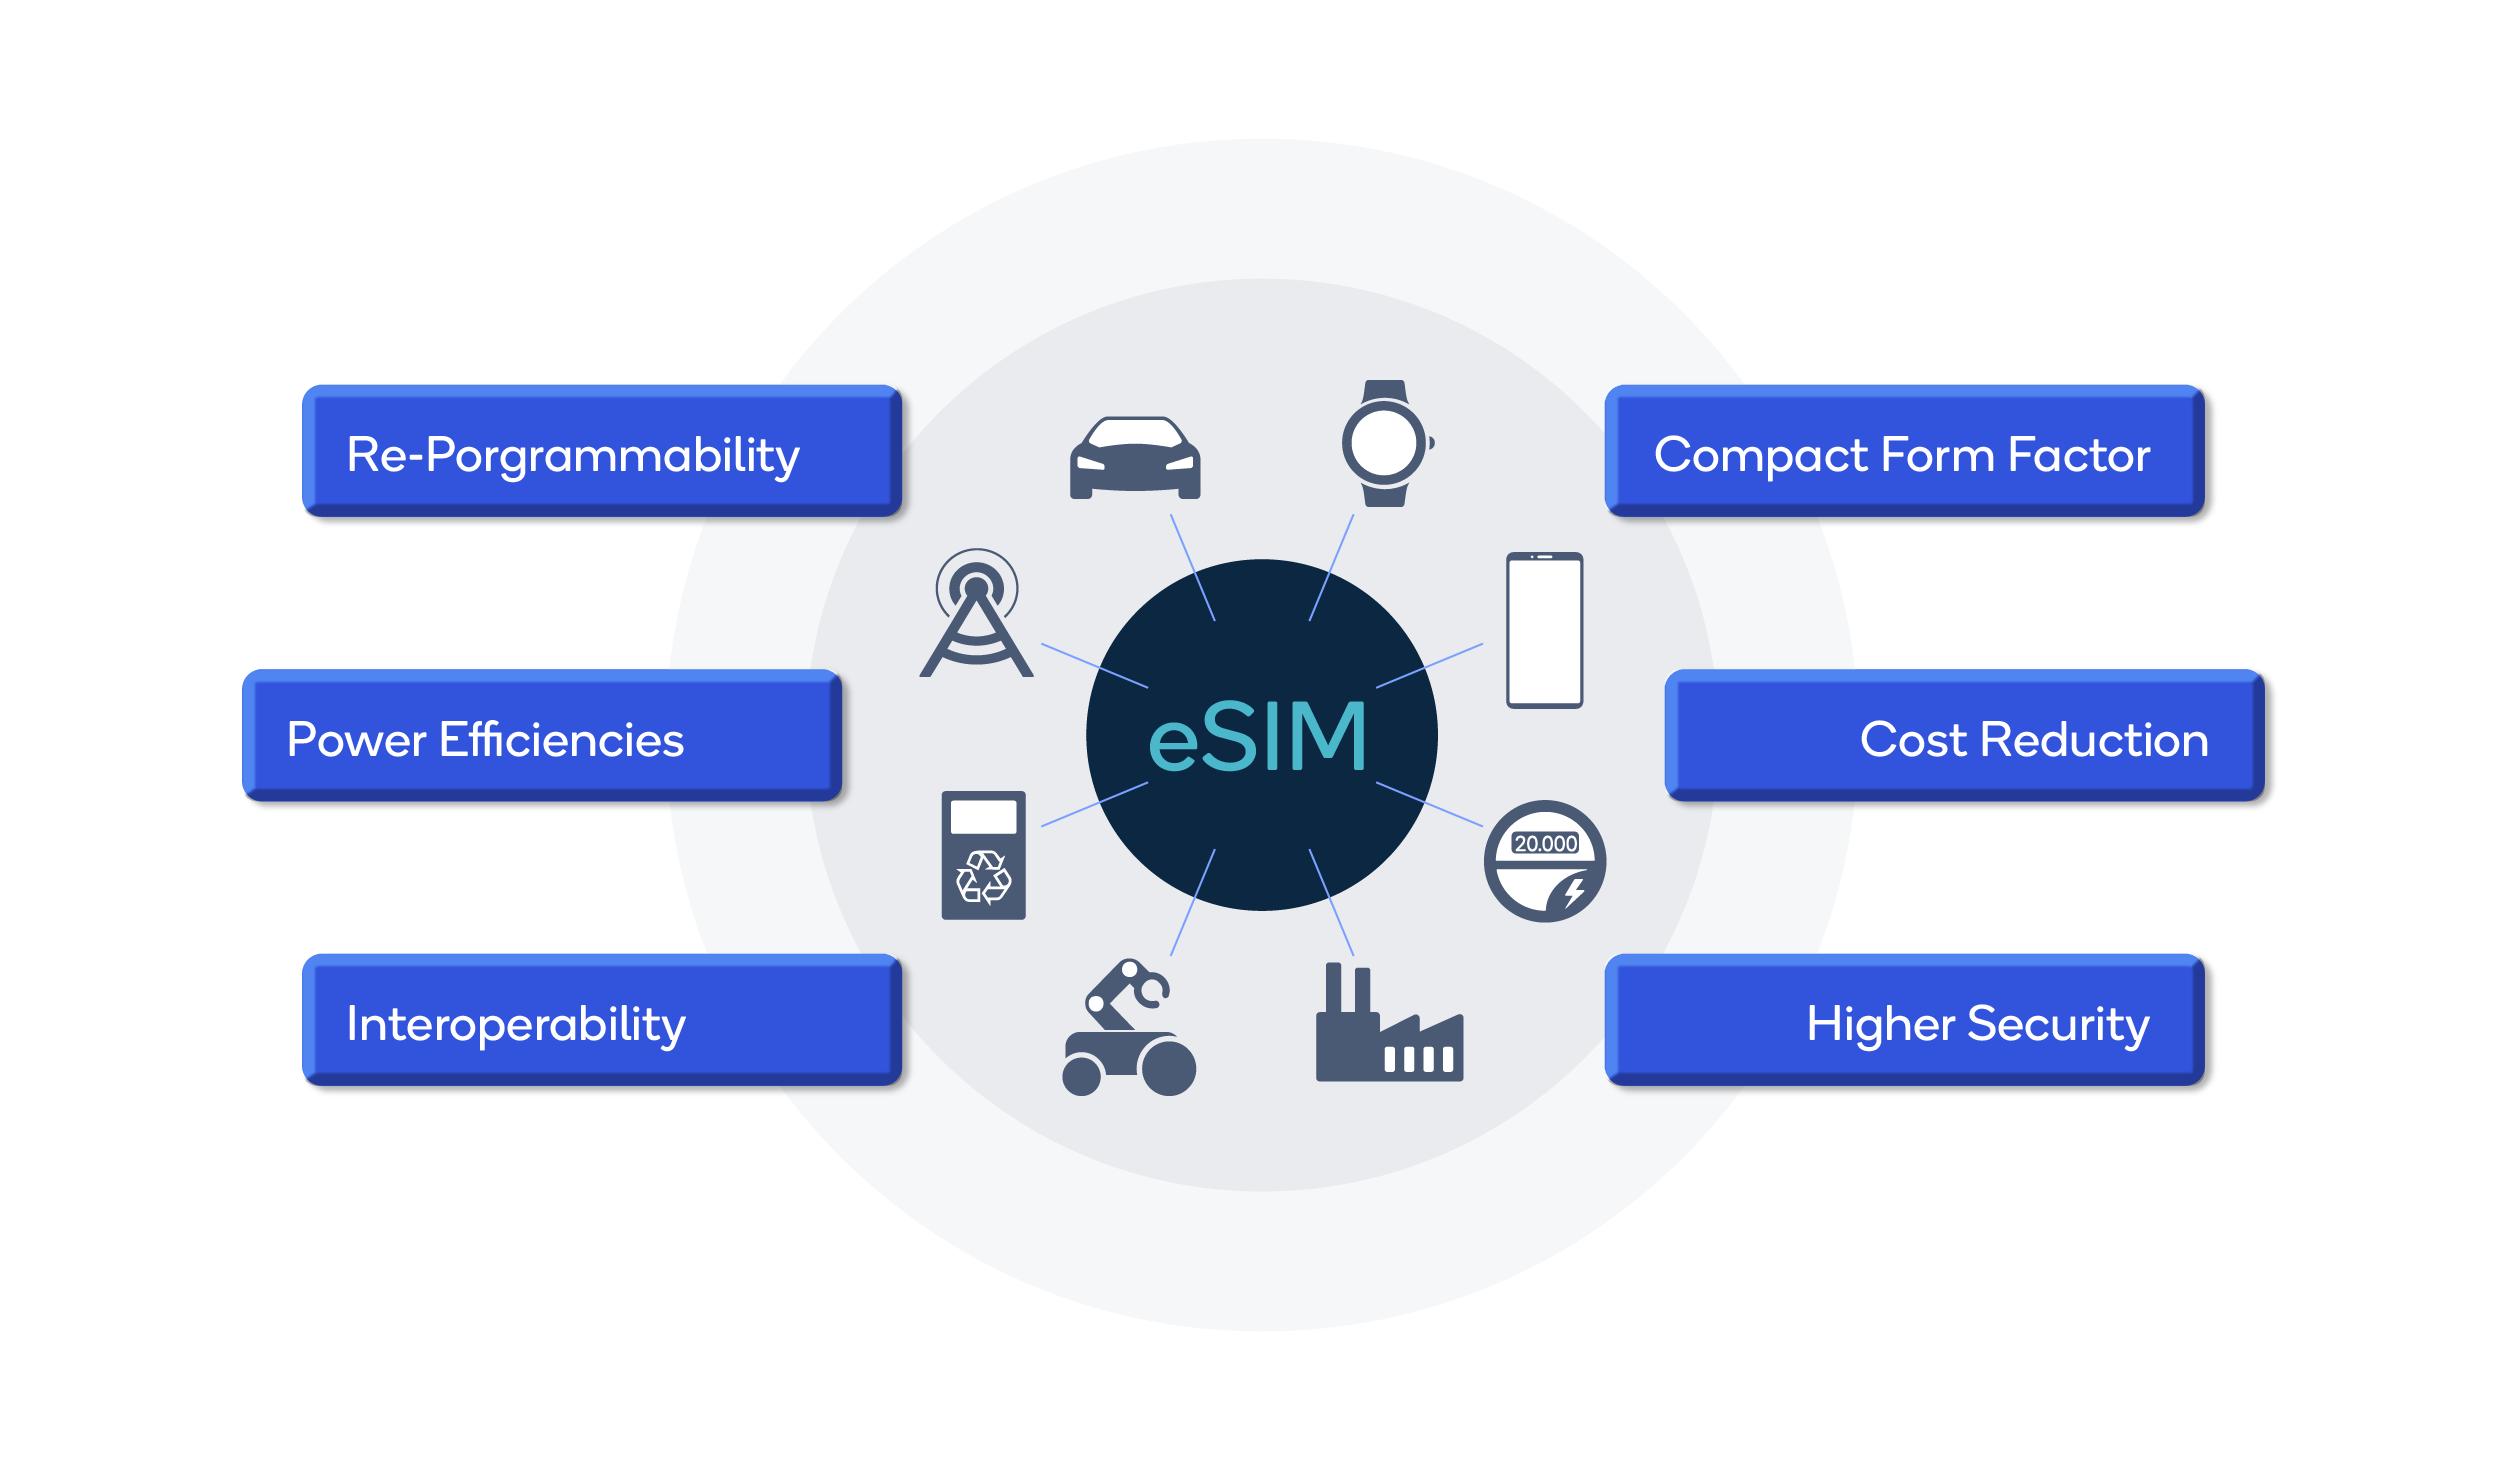 eSIMS Image 2